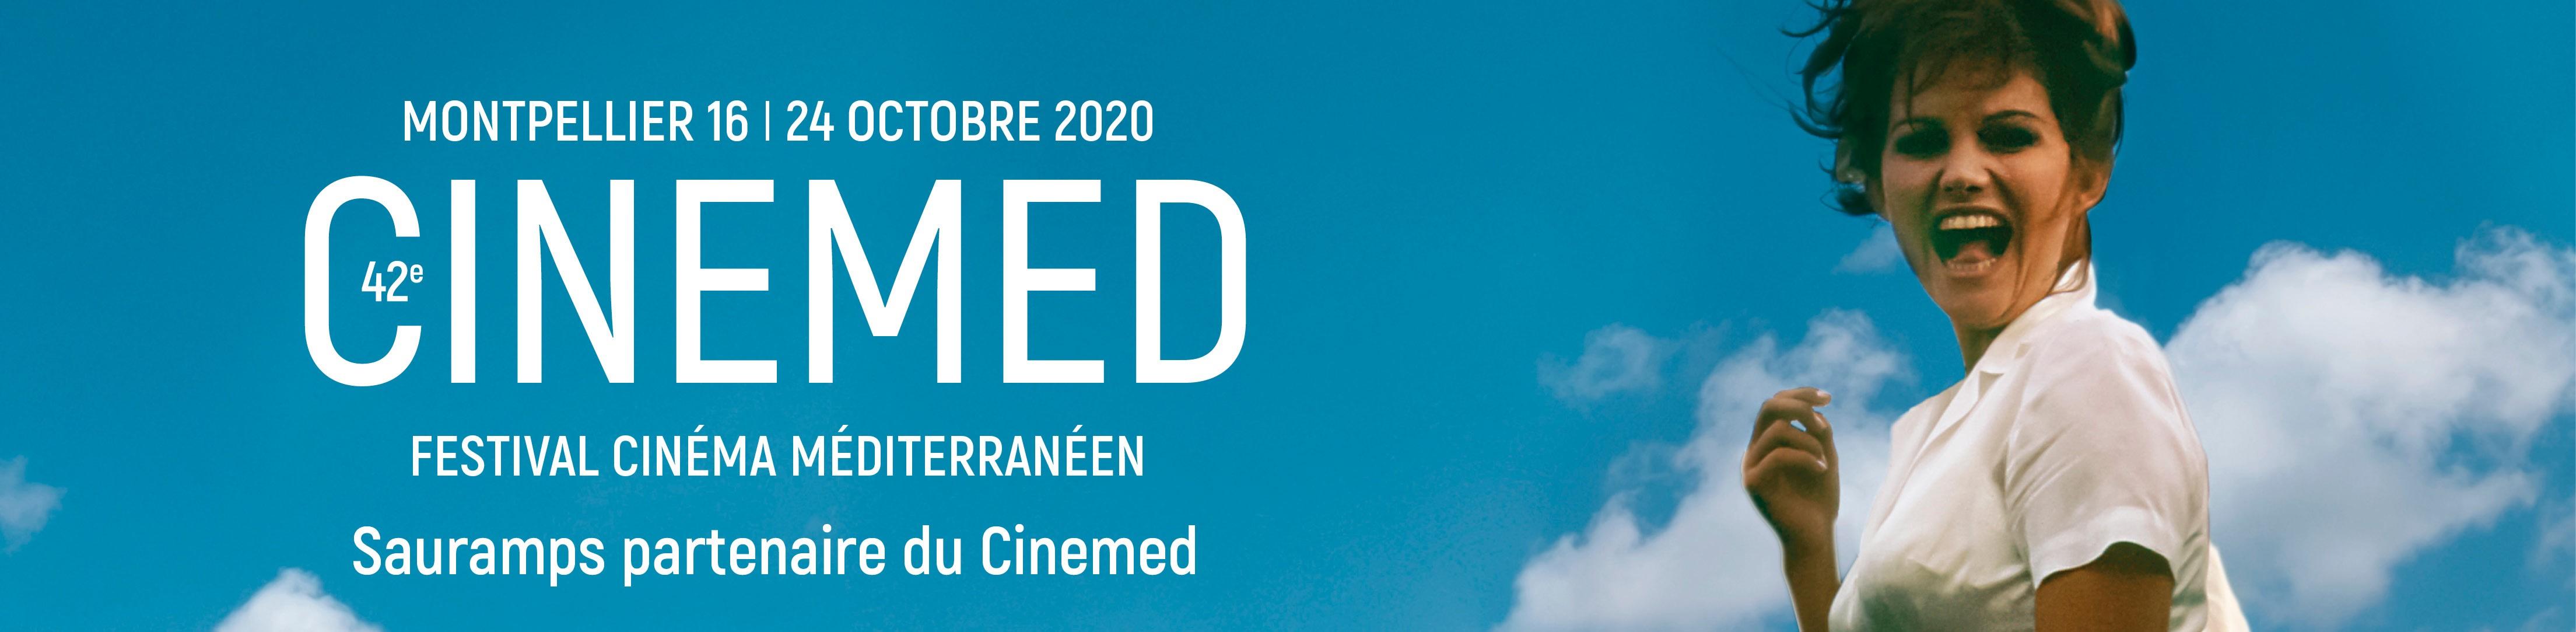 Sauramps partenaire du Cinemed